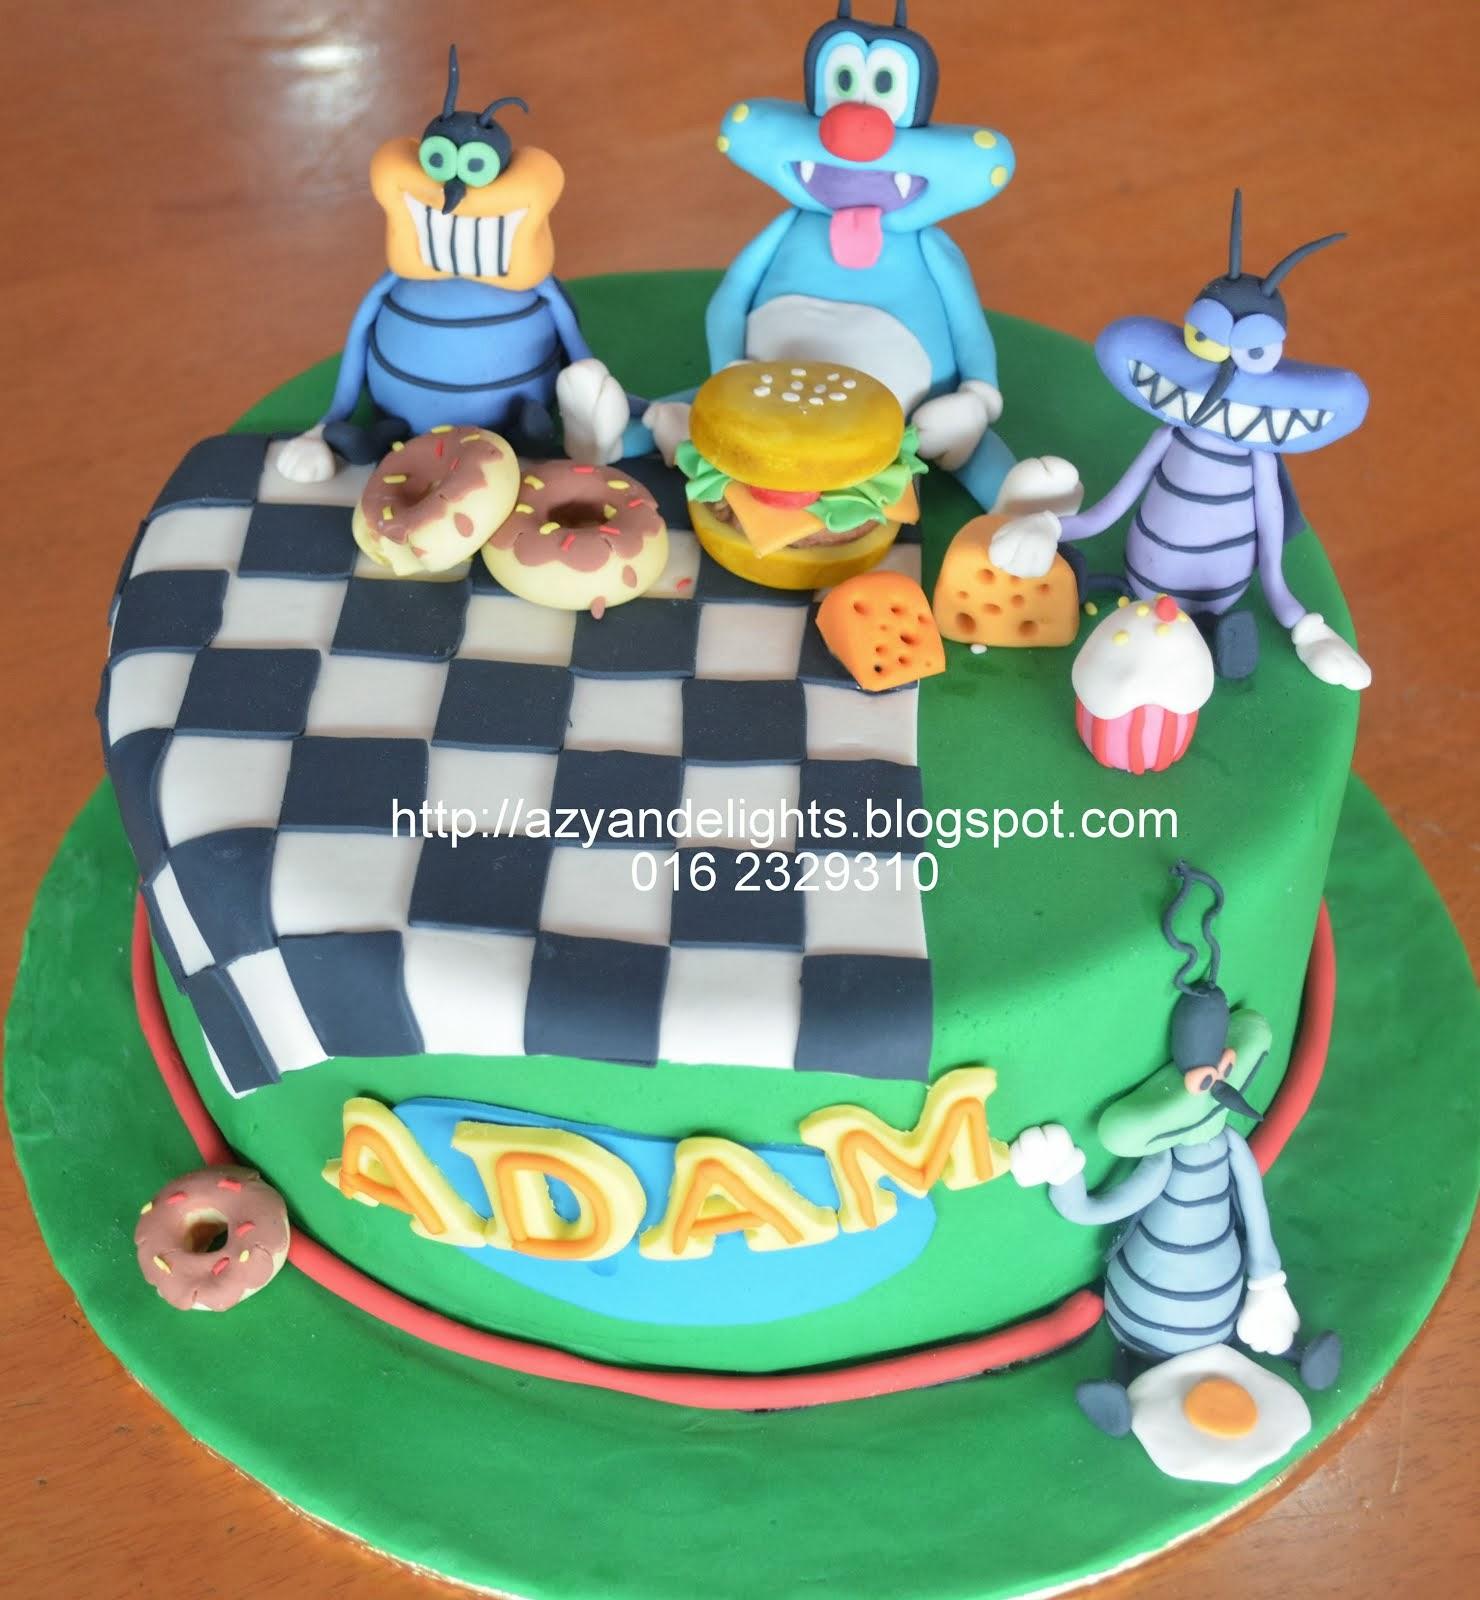 Ultraman Birthday Cake Design : Azyandelights: Ultraman Cake